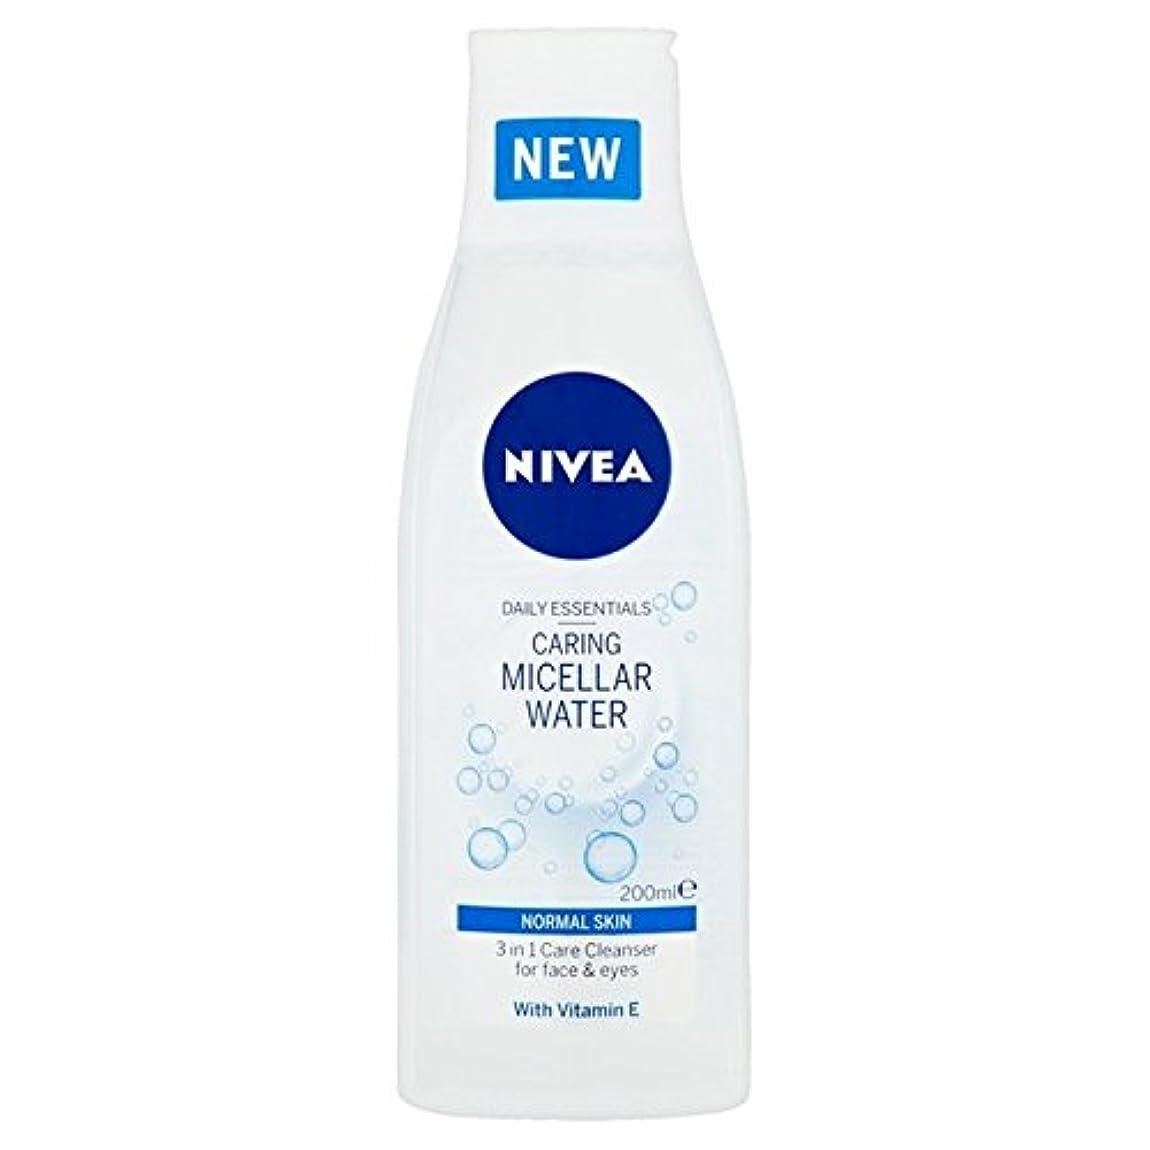 崇拝する到着する舌Nivea 3 in 1 Sensitive Caring Micellar Water Normal Skin 200ml (Pack of 6) - 1つの敏感な思いやりのあるミセル水の正常な皮膚の200ミリリットルでニベア3 x6 [並行輸入品]